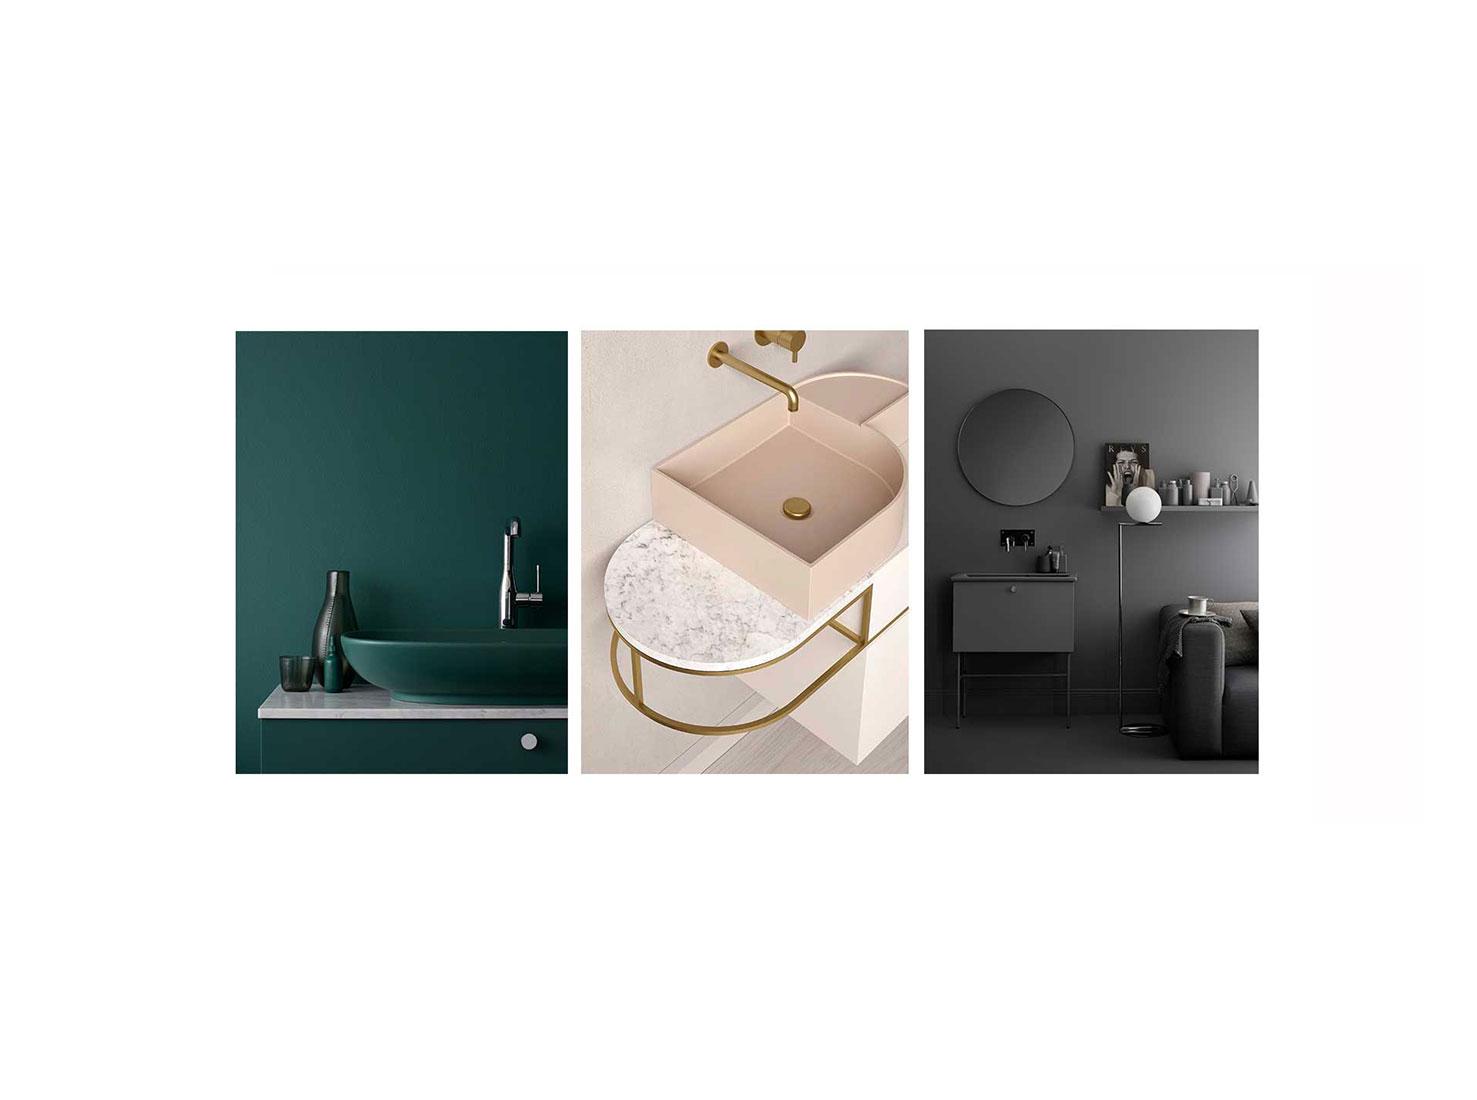 Ванная комната 2019/2020: 12 трендовых палитр